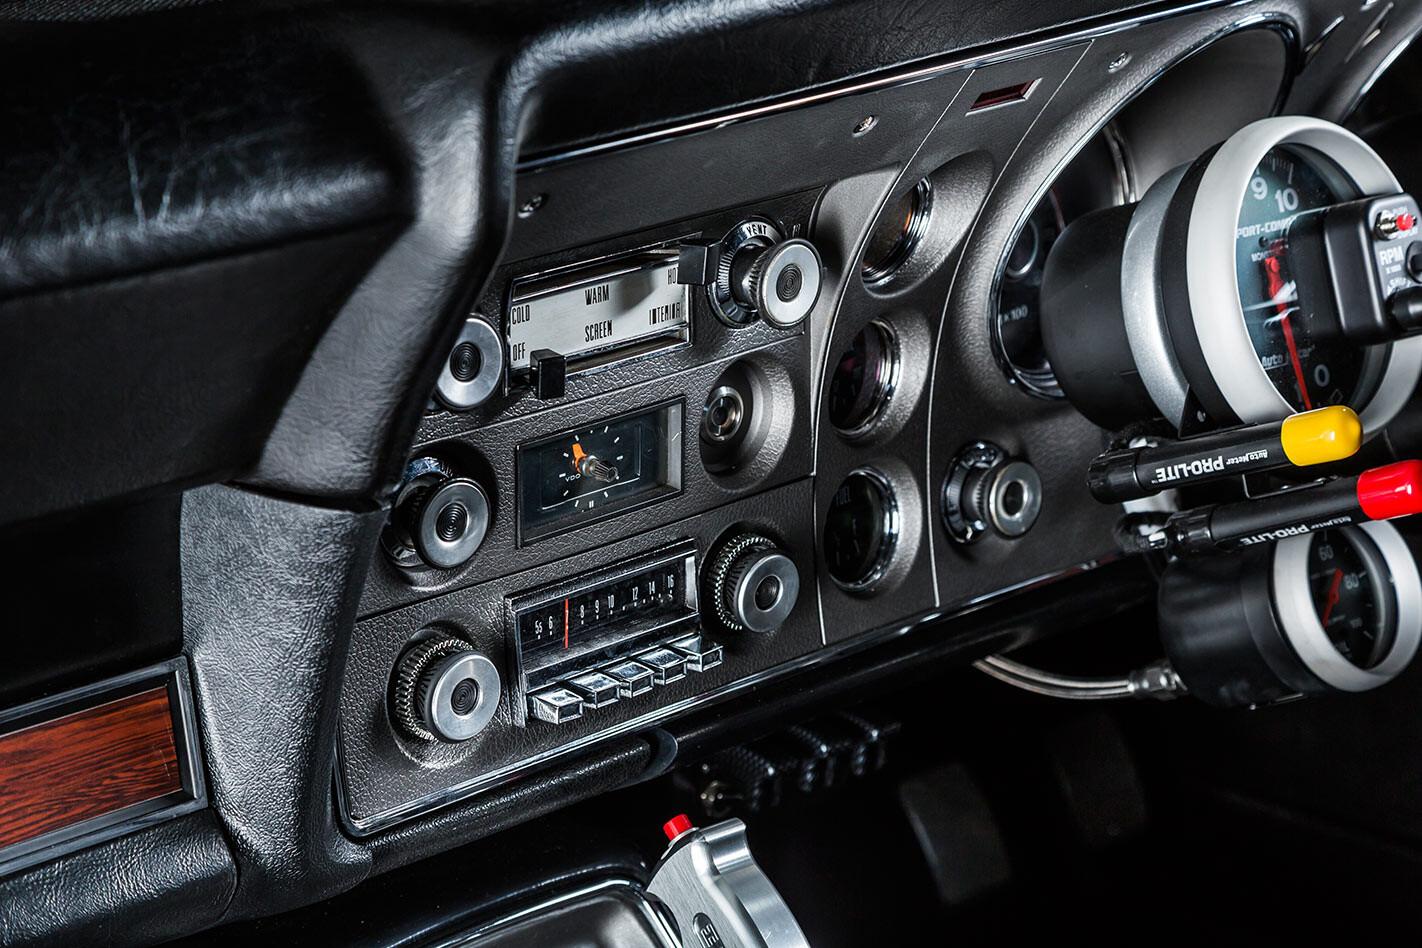 Ford Falcon XY dash